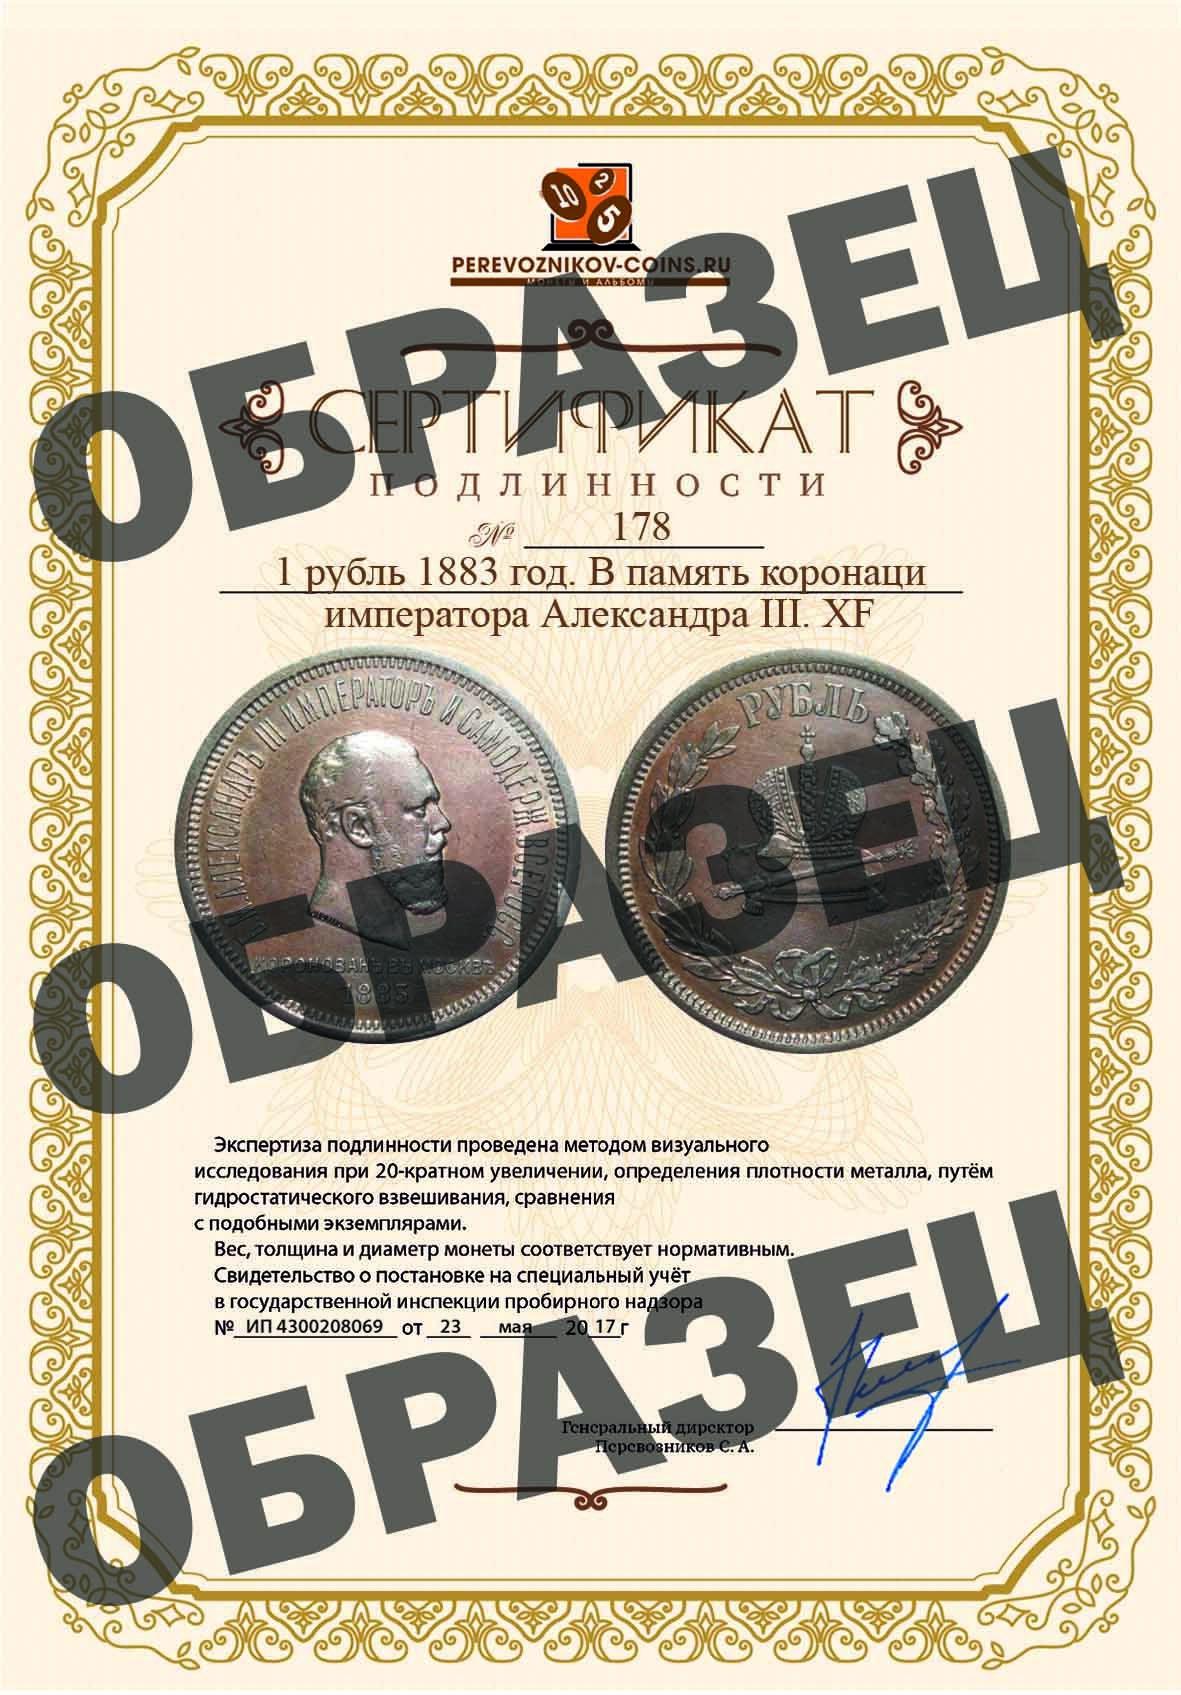 1 рубль 1883 год.  В память коронации императора Александра III XF